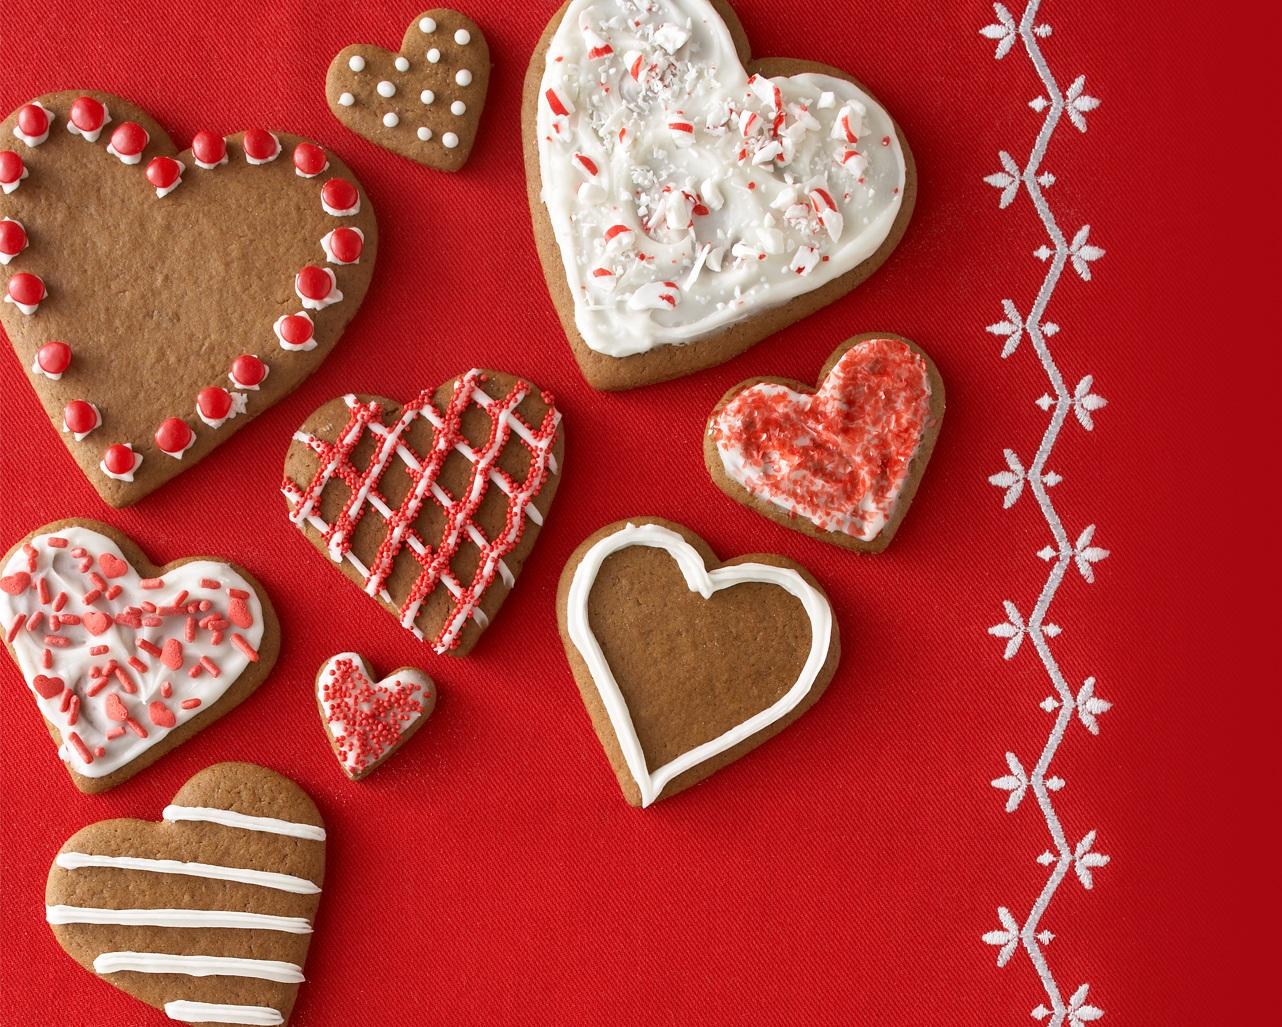 cookies valentines day wallpaper for desktop 1282x1027